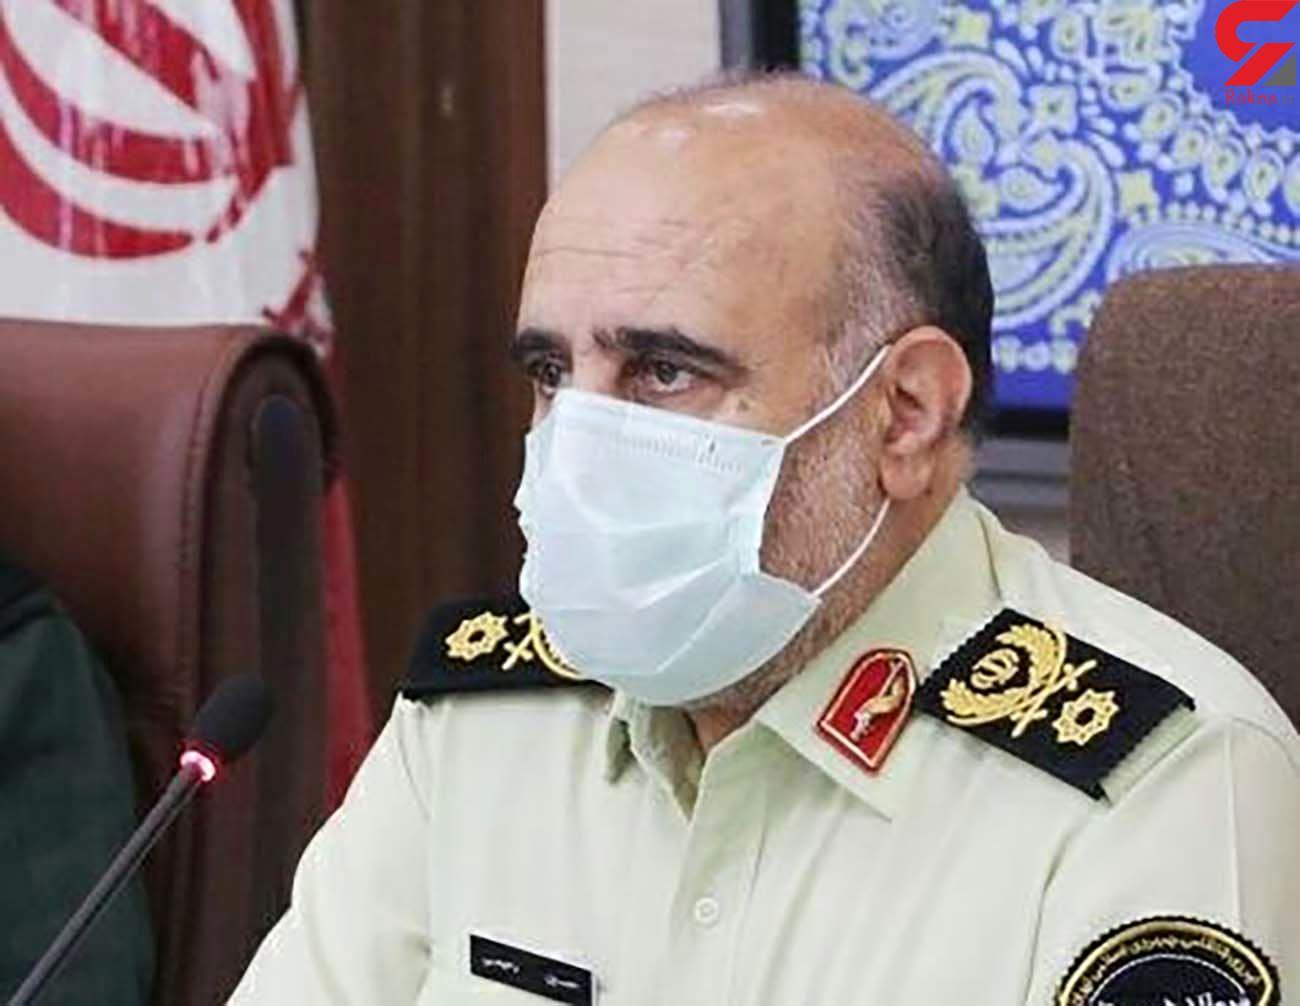 ۶۷هزار تذکر لسانی به افراد بدون ماسک در پایتخت